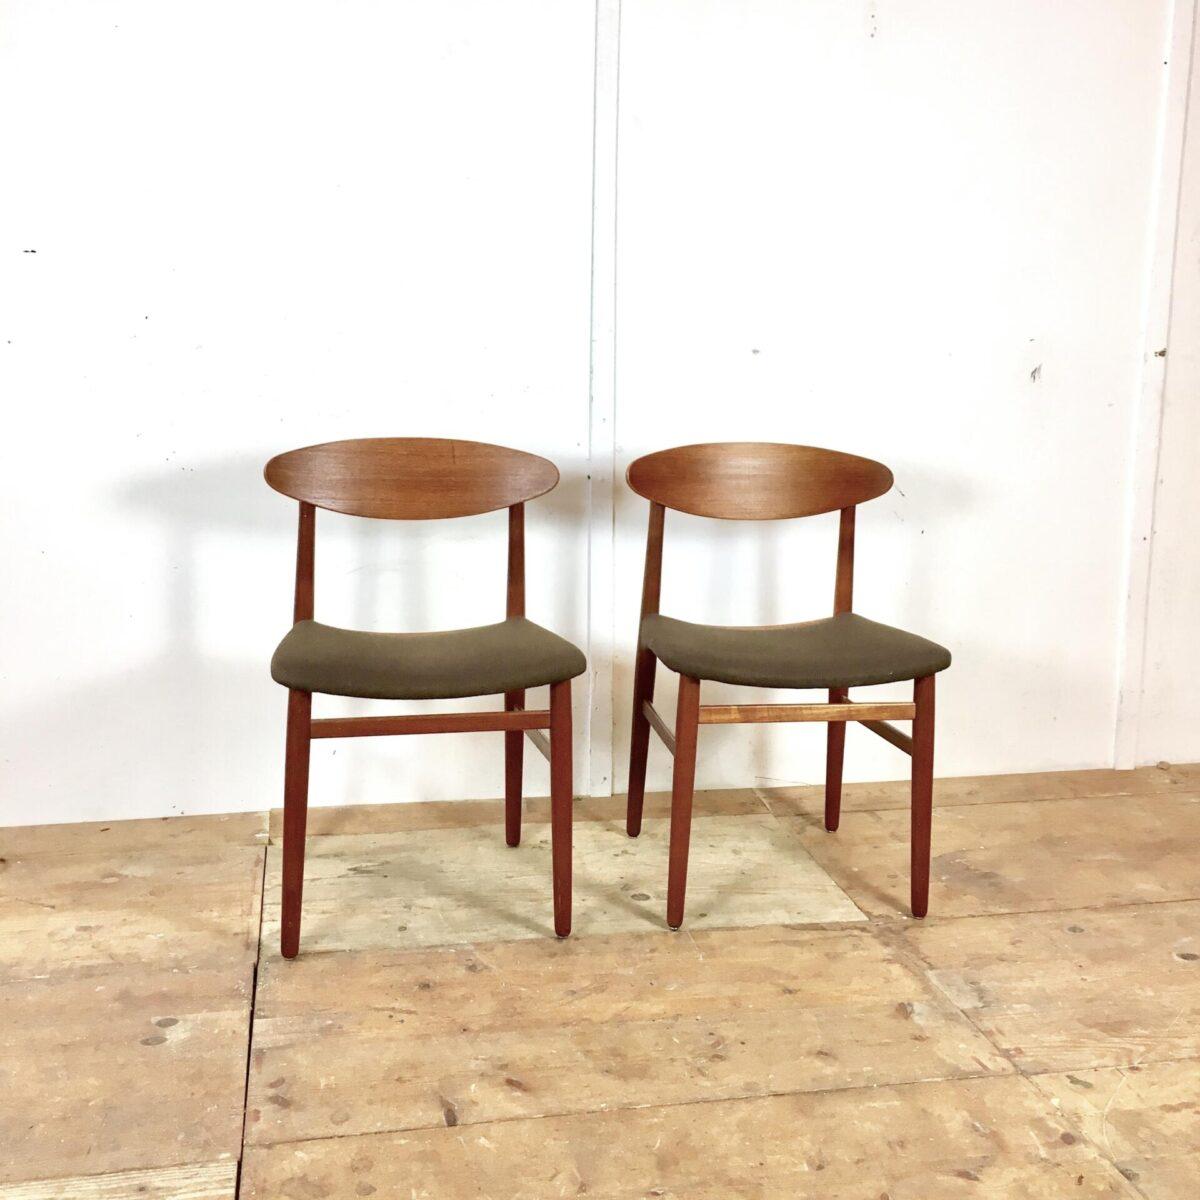 Midcentury Teak Stühle. Preis für beide. Bequeme Polsterstühle, Stoff grün braun goldig je nach Lichteinfall. Einer hat ein kratz in der Rückenlehne ansonsten in sehr gutem Zustand.